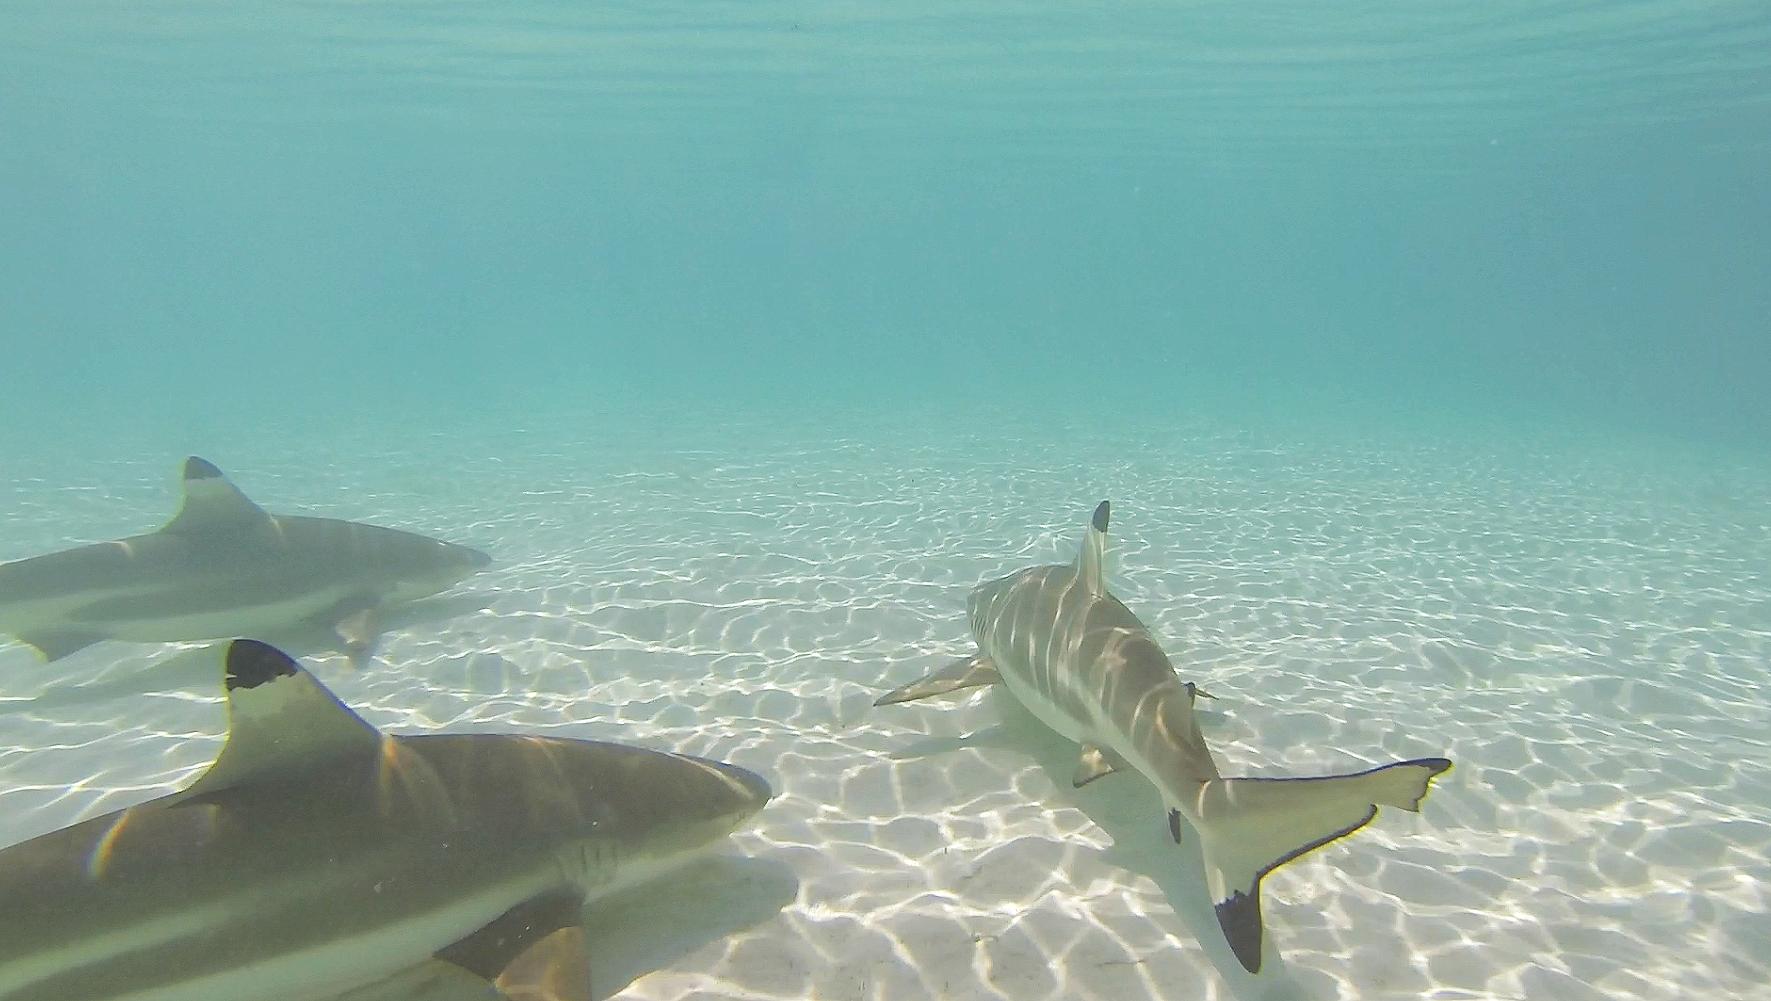 moorea-tahiti-sharks-shallow